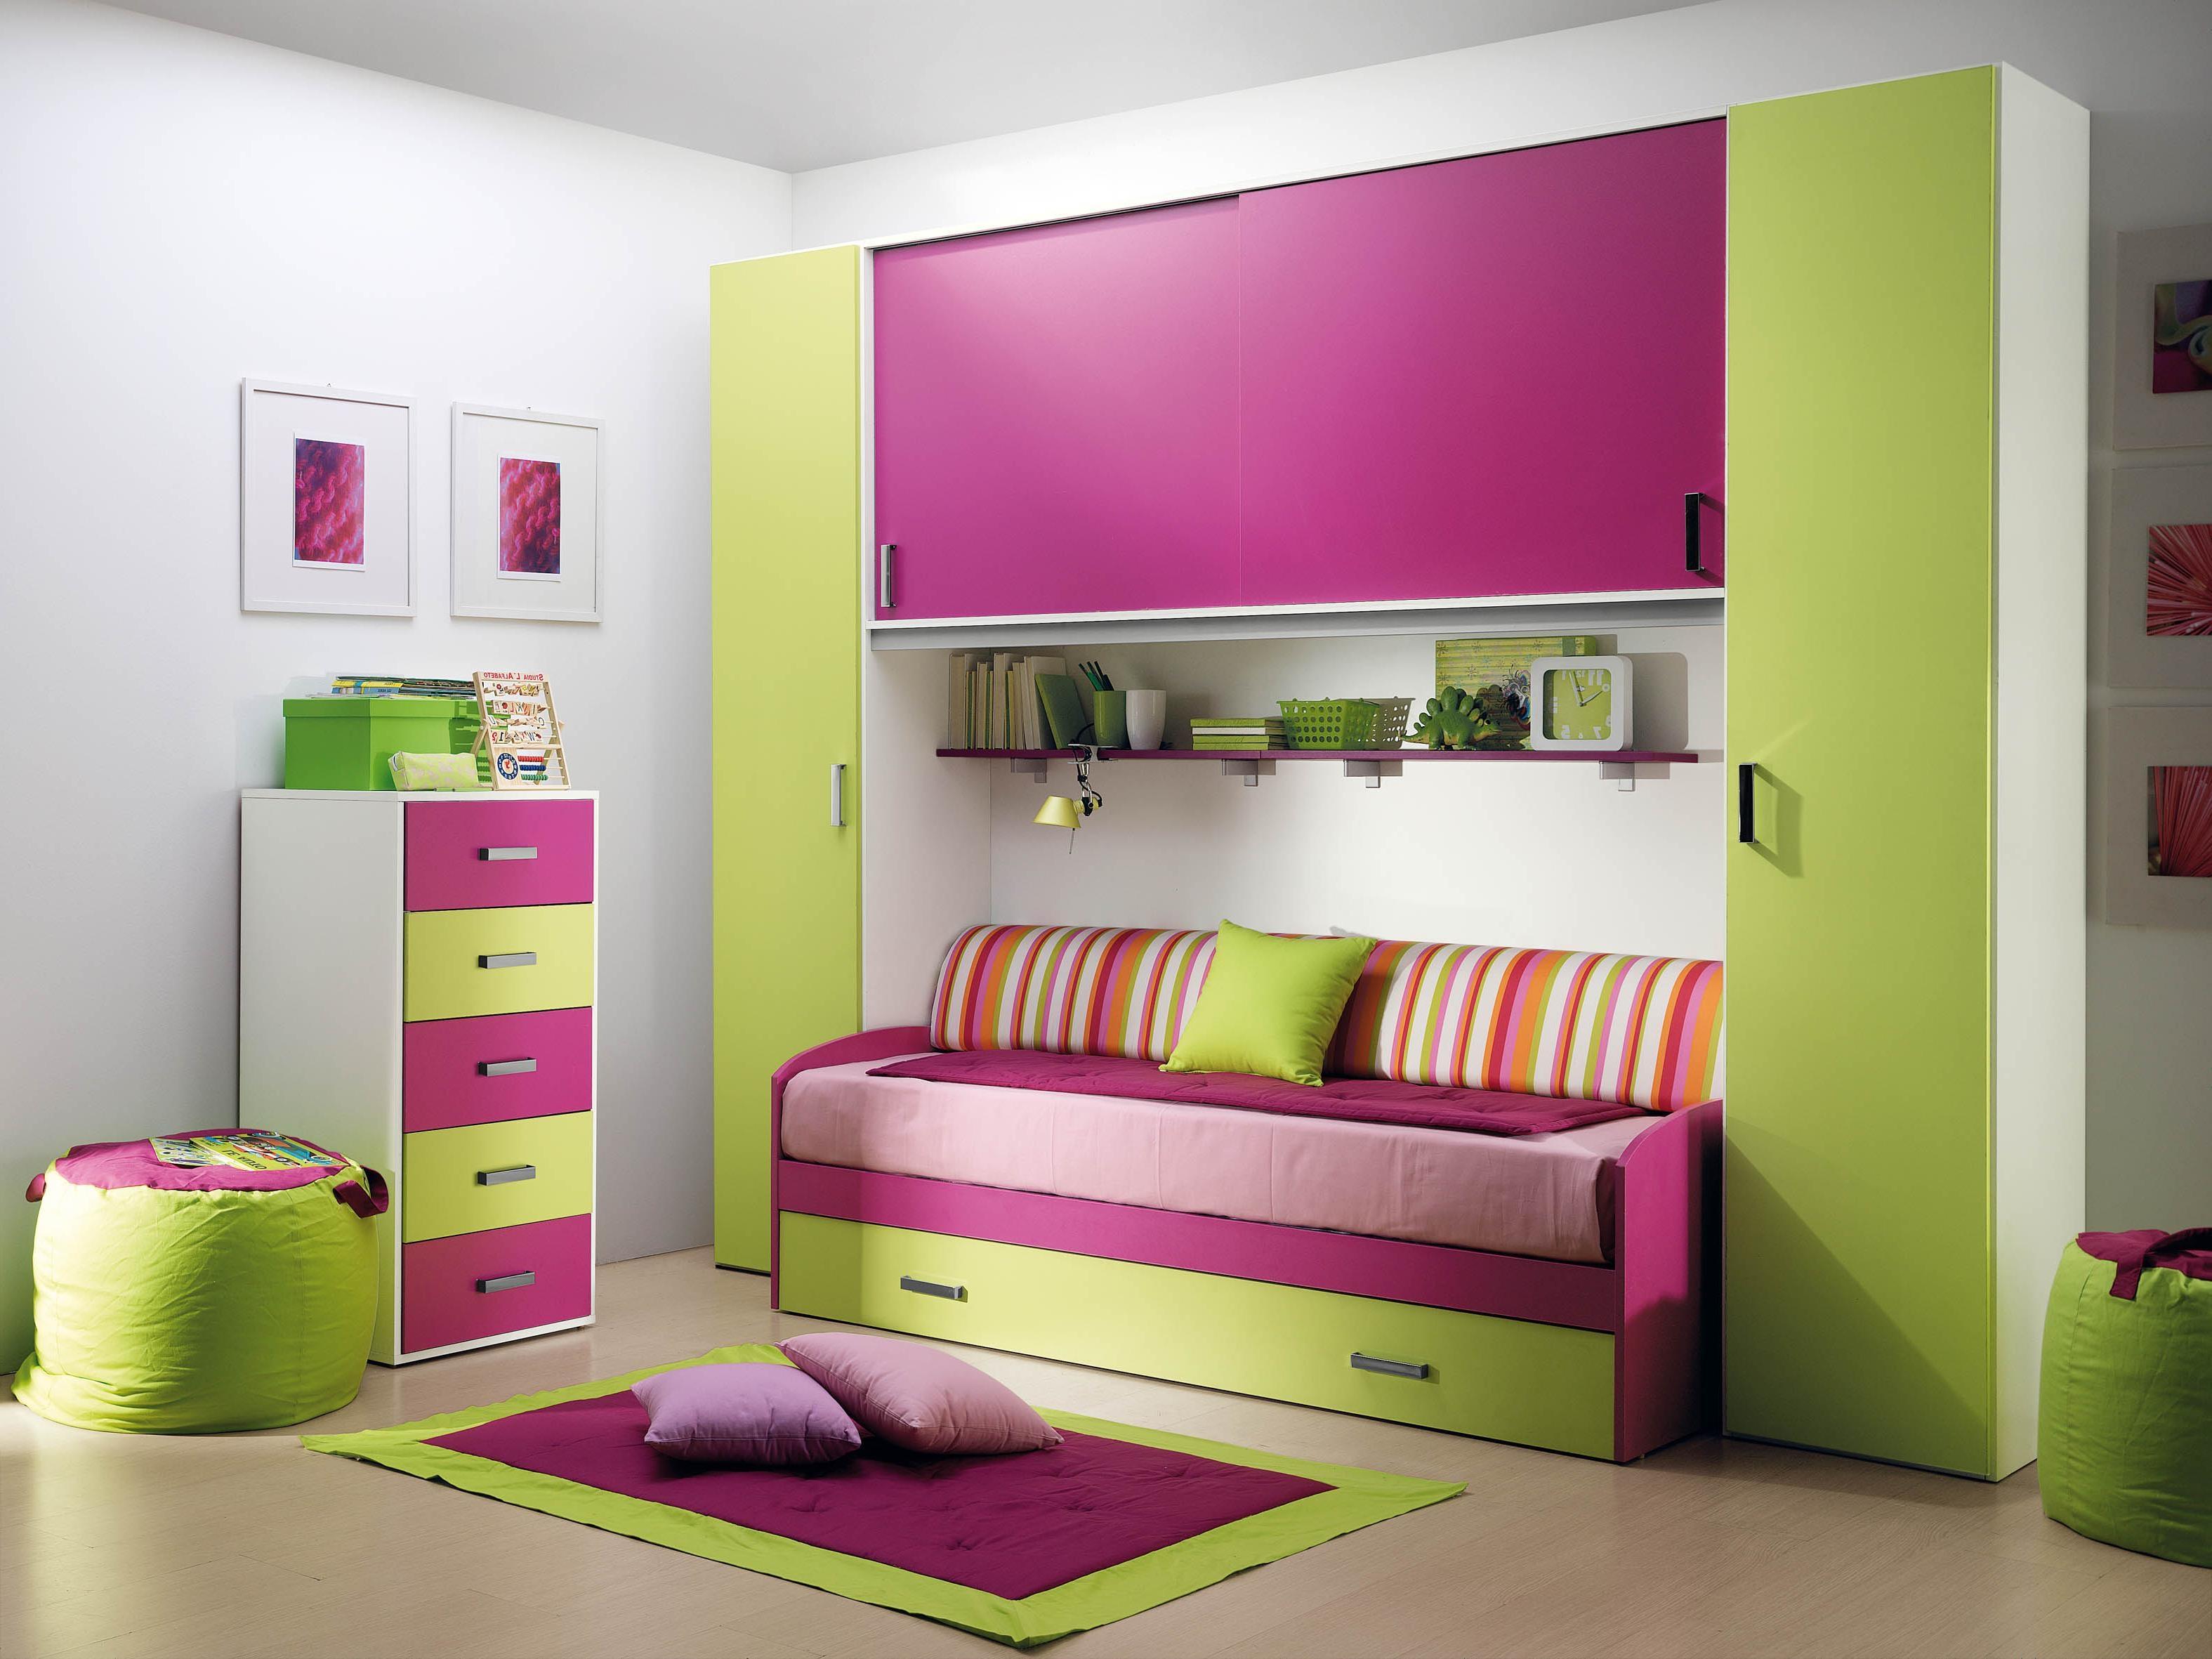 بالصور ديكور غرف نوم بنات , احلى ديكور لغرفة بنوتة عصرية 2283